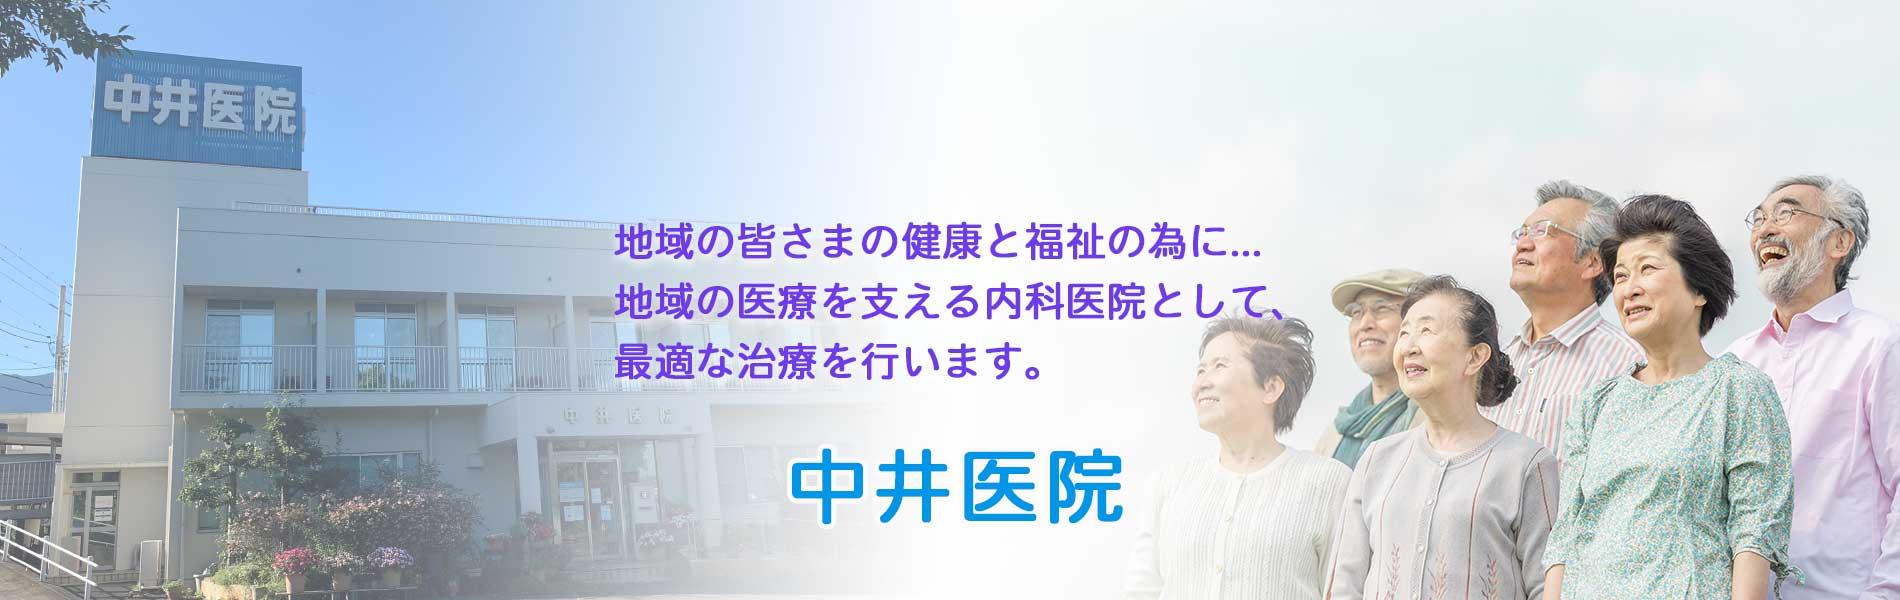 地域の医療を支える内科医院として、最適な治療を行います。